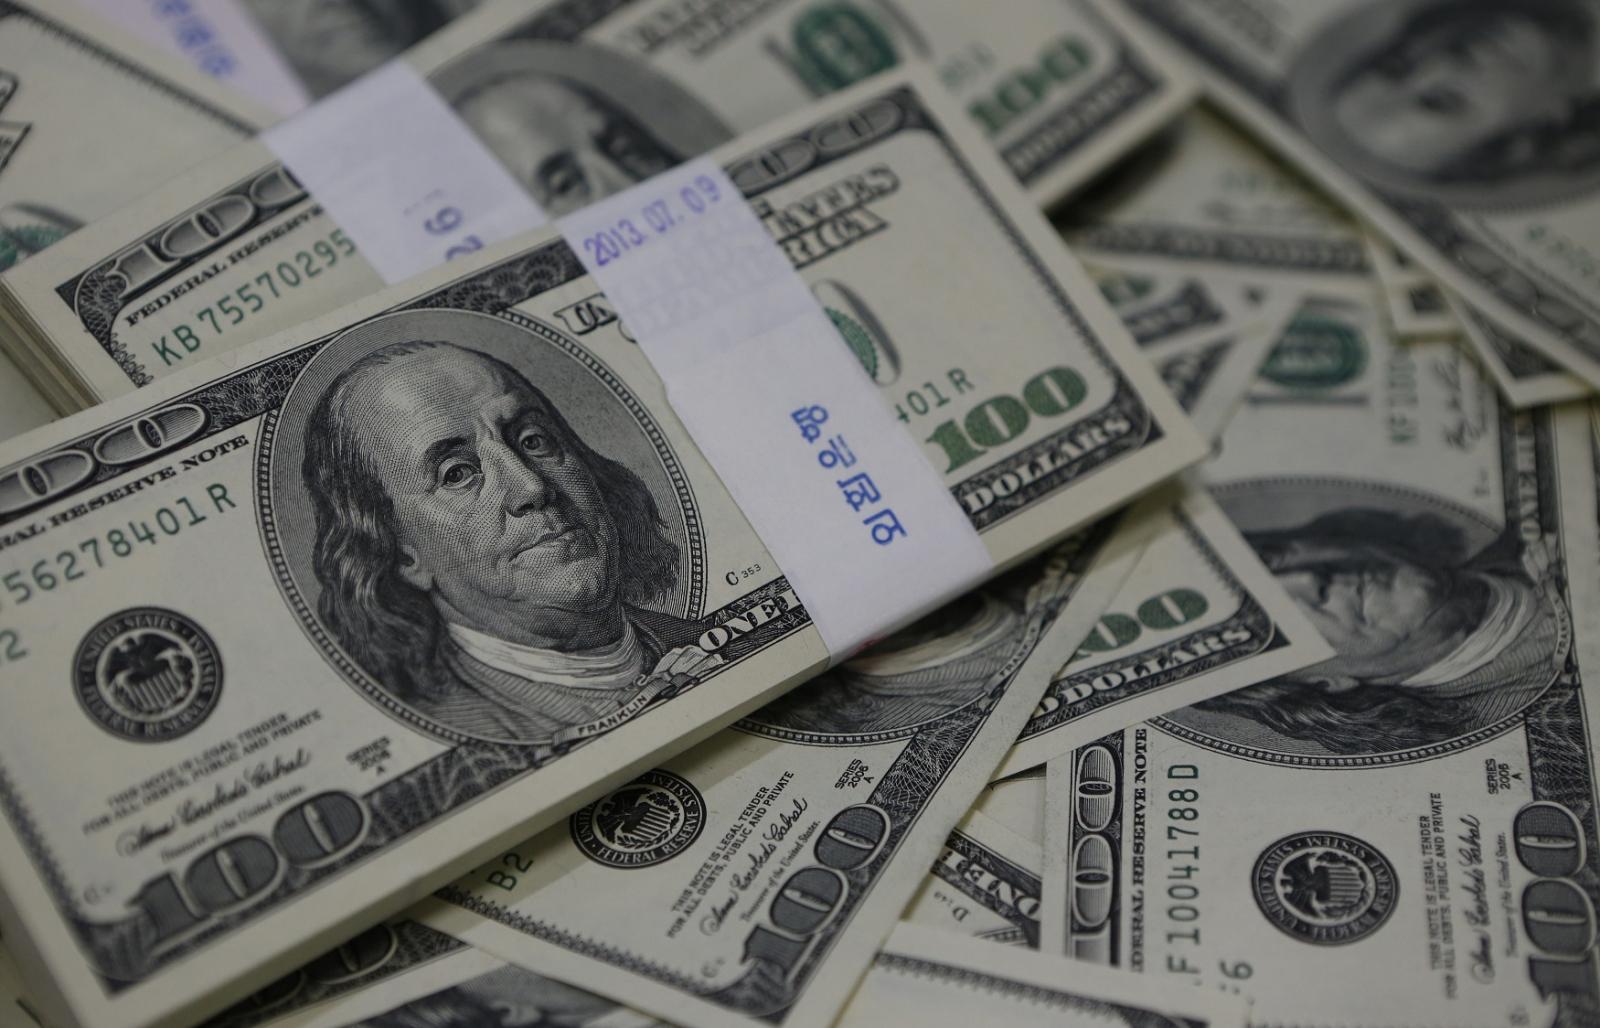 bitcoin dollar reserve coinbase armstrong